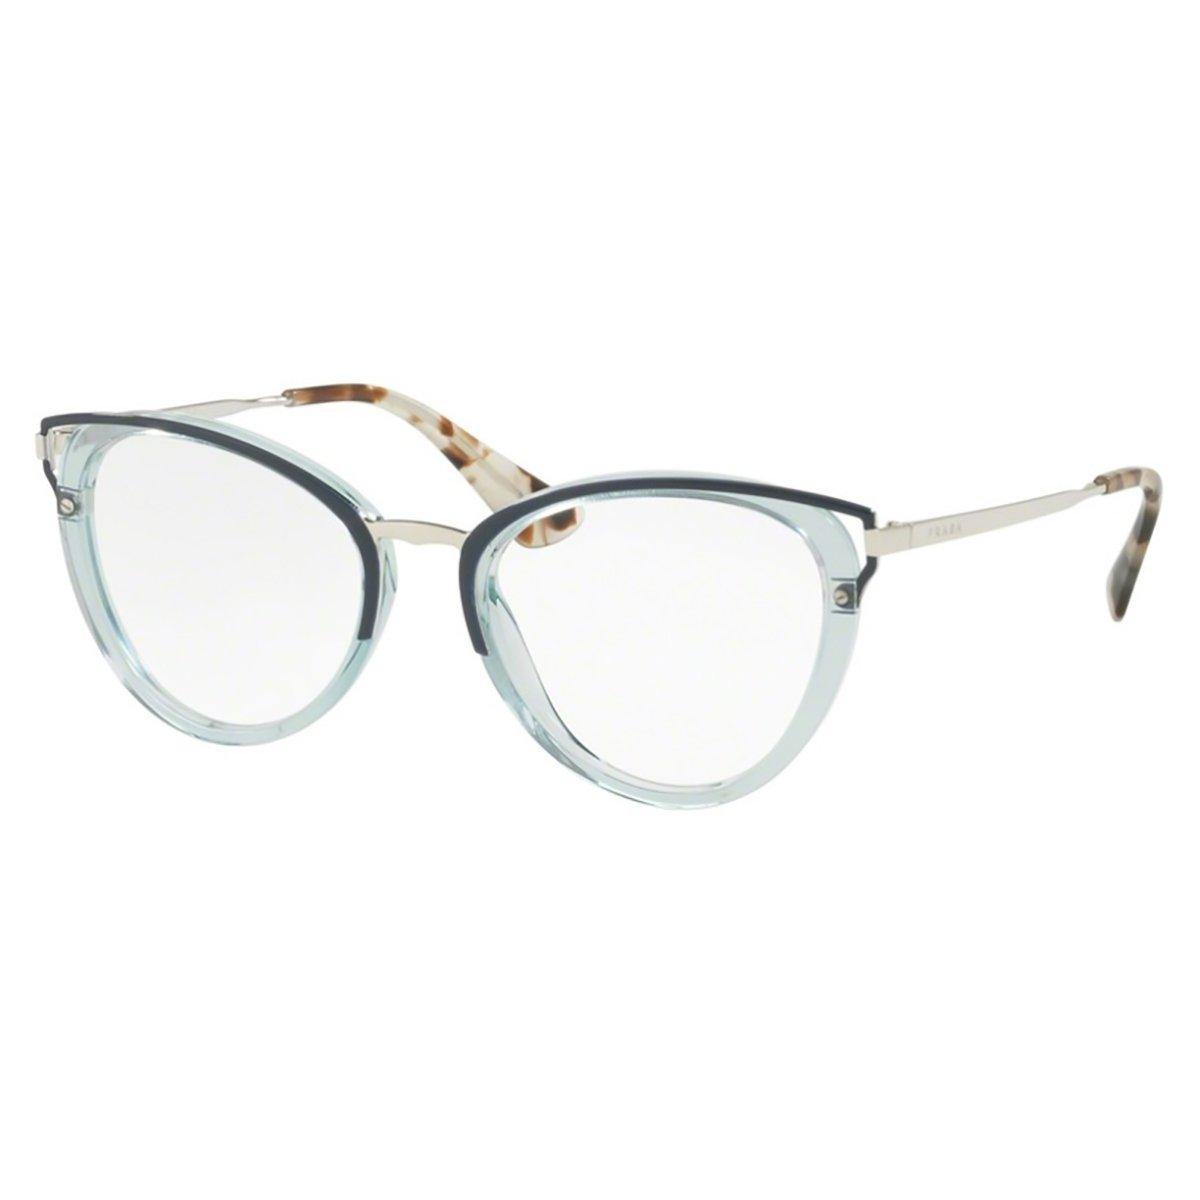 e3cd987f5 Compre Óculos de Grau Prada em 10X | Tri-Jóia Shop